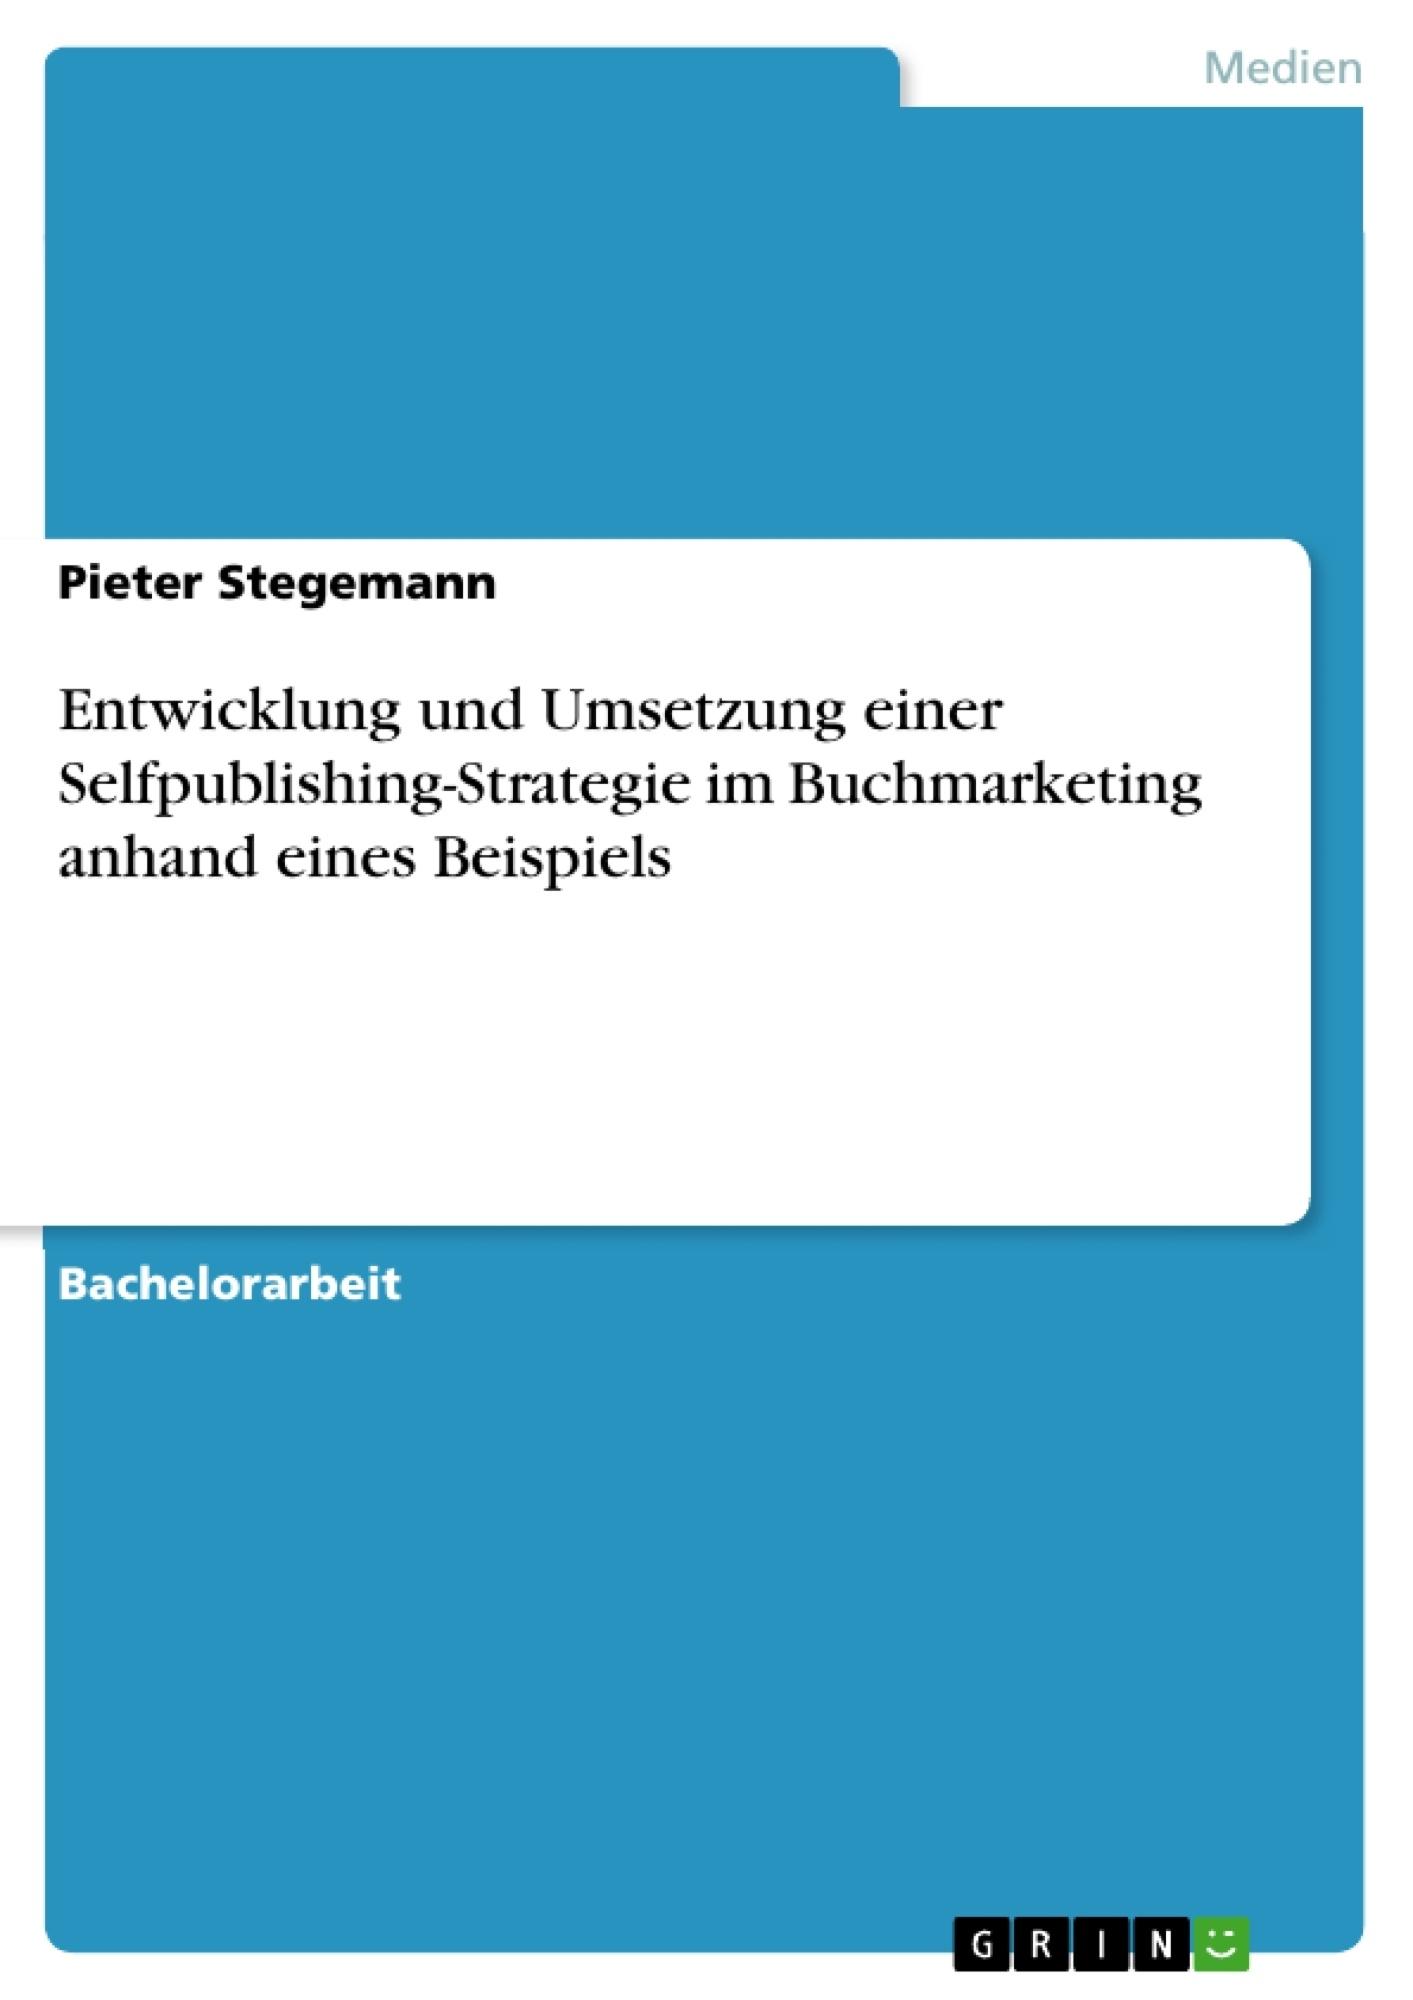 Titel: Entwicklung und Umsetzung einer Selfpublishing-Strategie im Buchmarketing anhand eines Beispiels